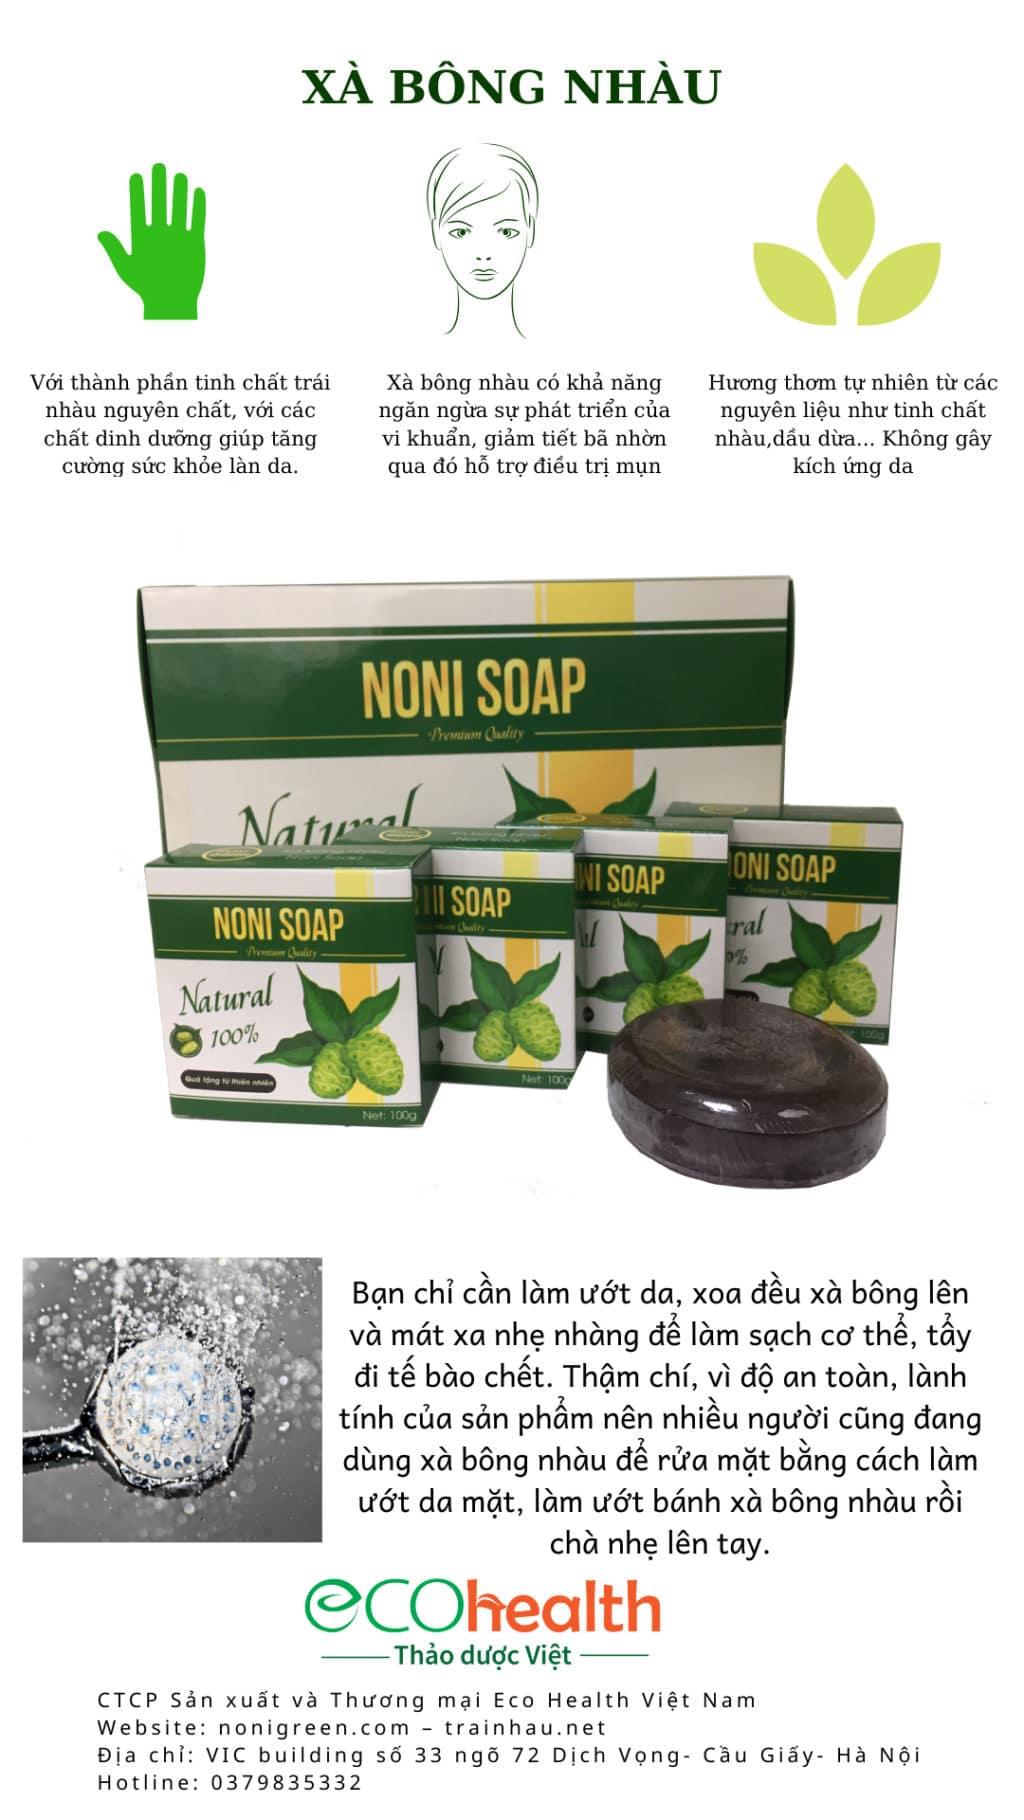 xà bông nhàu noni soap